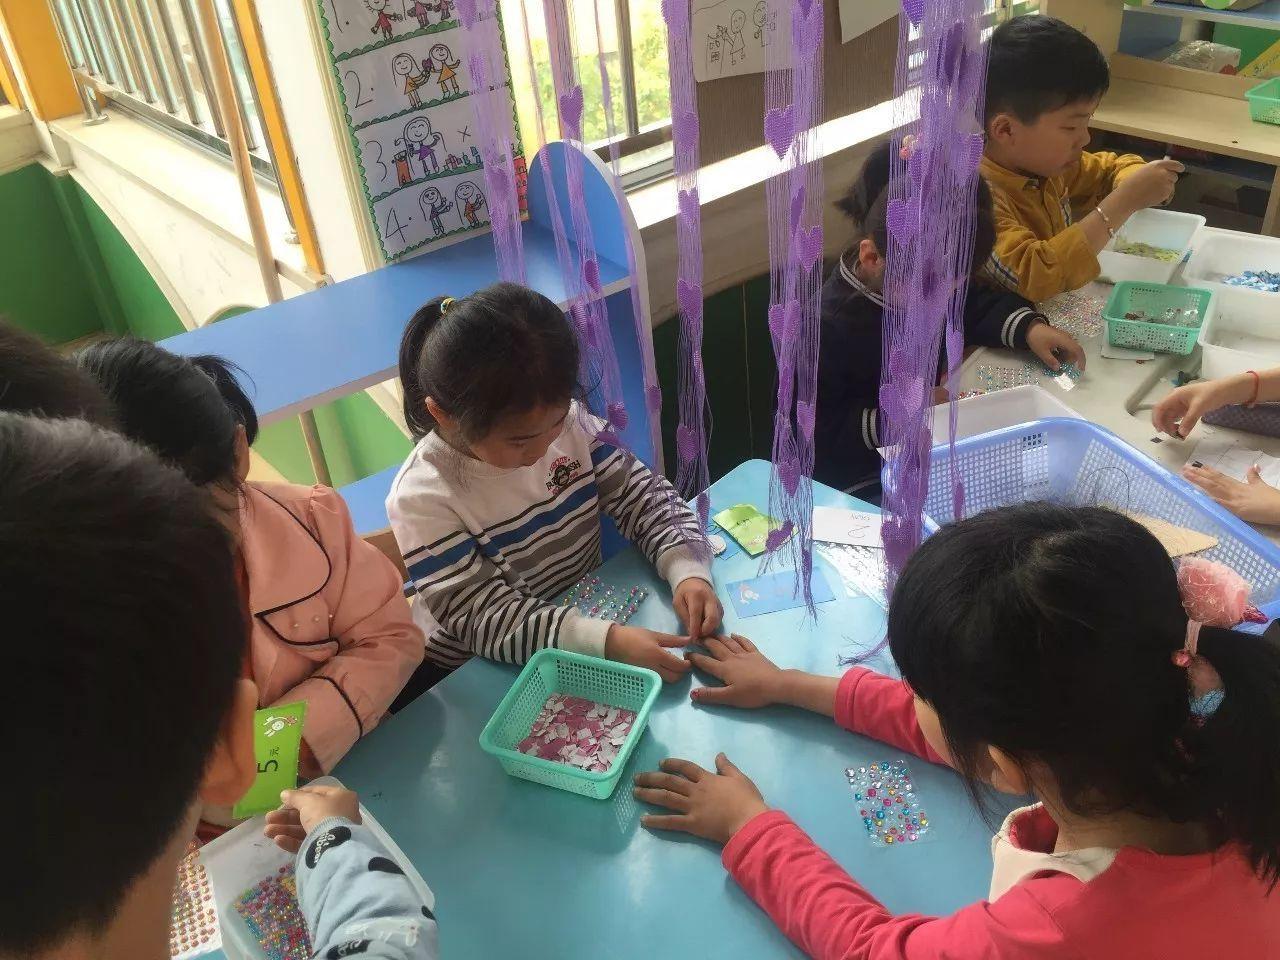 幼儿园105个游戏大全 - 豆丁网